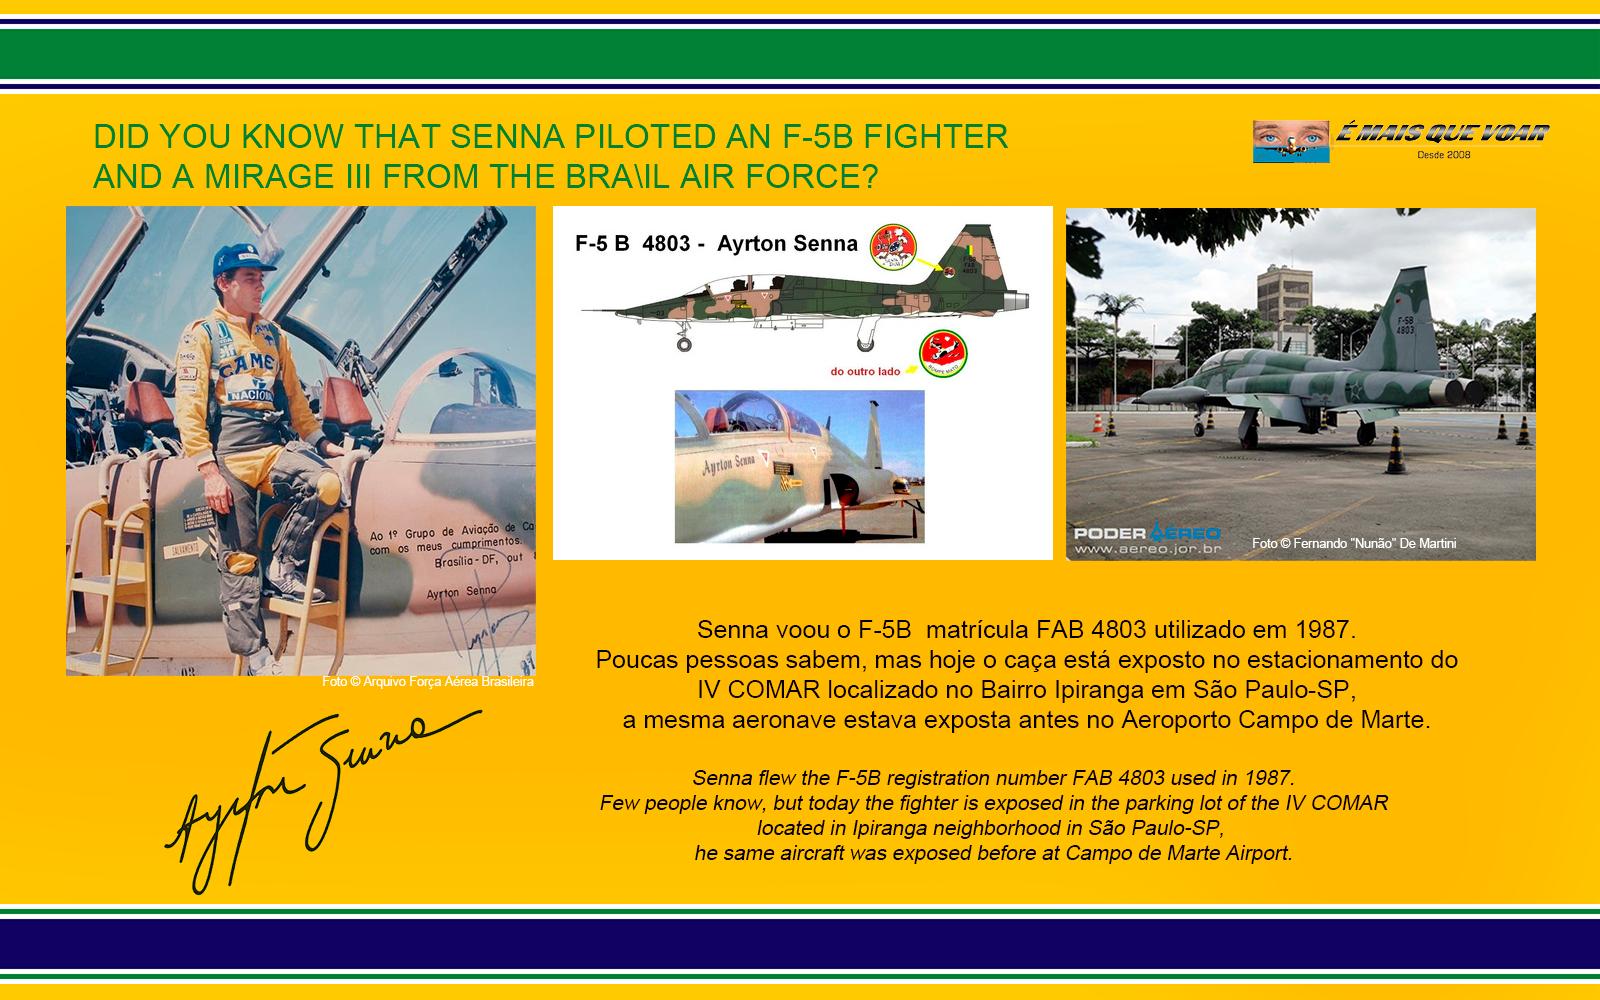 FAB 4803 - F-5B - FAB - Força Aérea Brasileira - Os aviões de caça pilotados por Ayrton Senna | É MAIS QUE VOAR